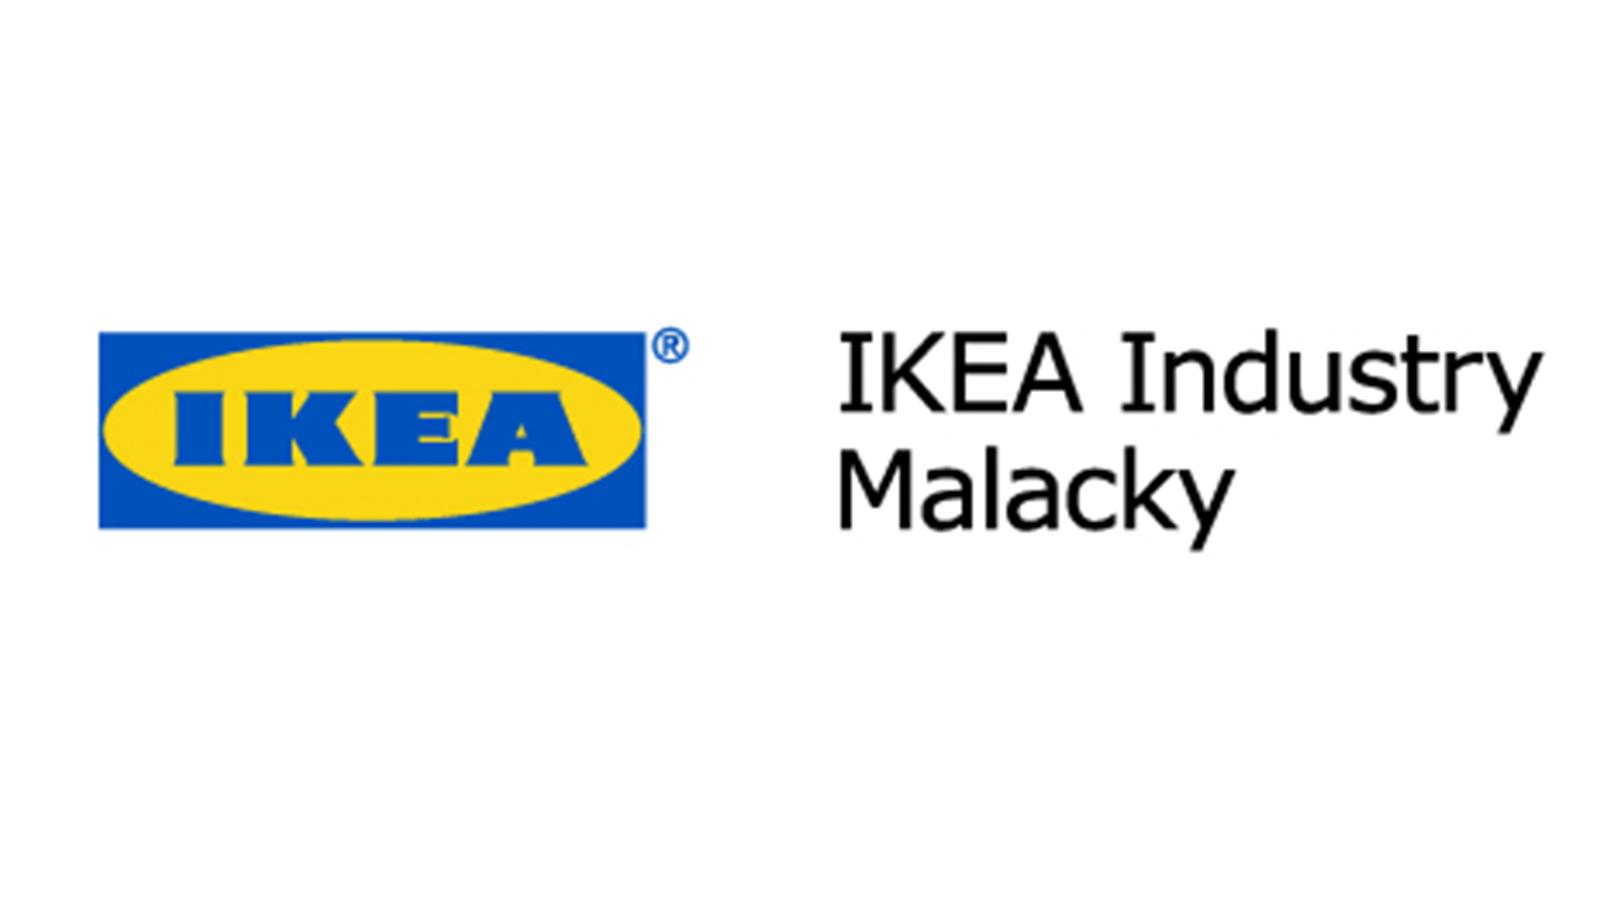 IKEA INDUSTRY MALACKY